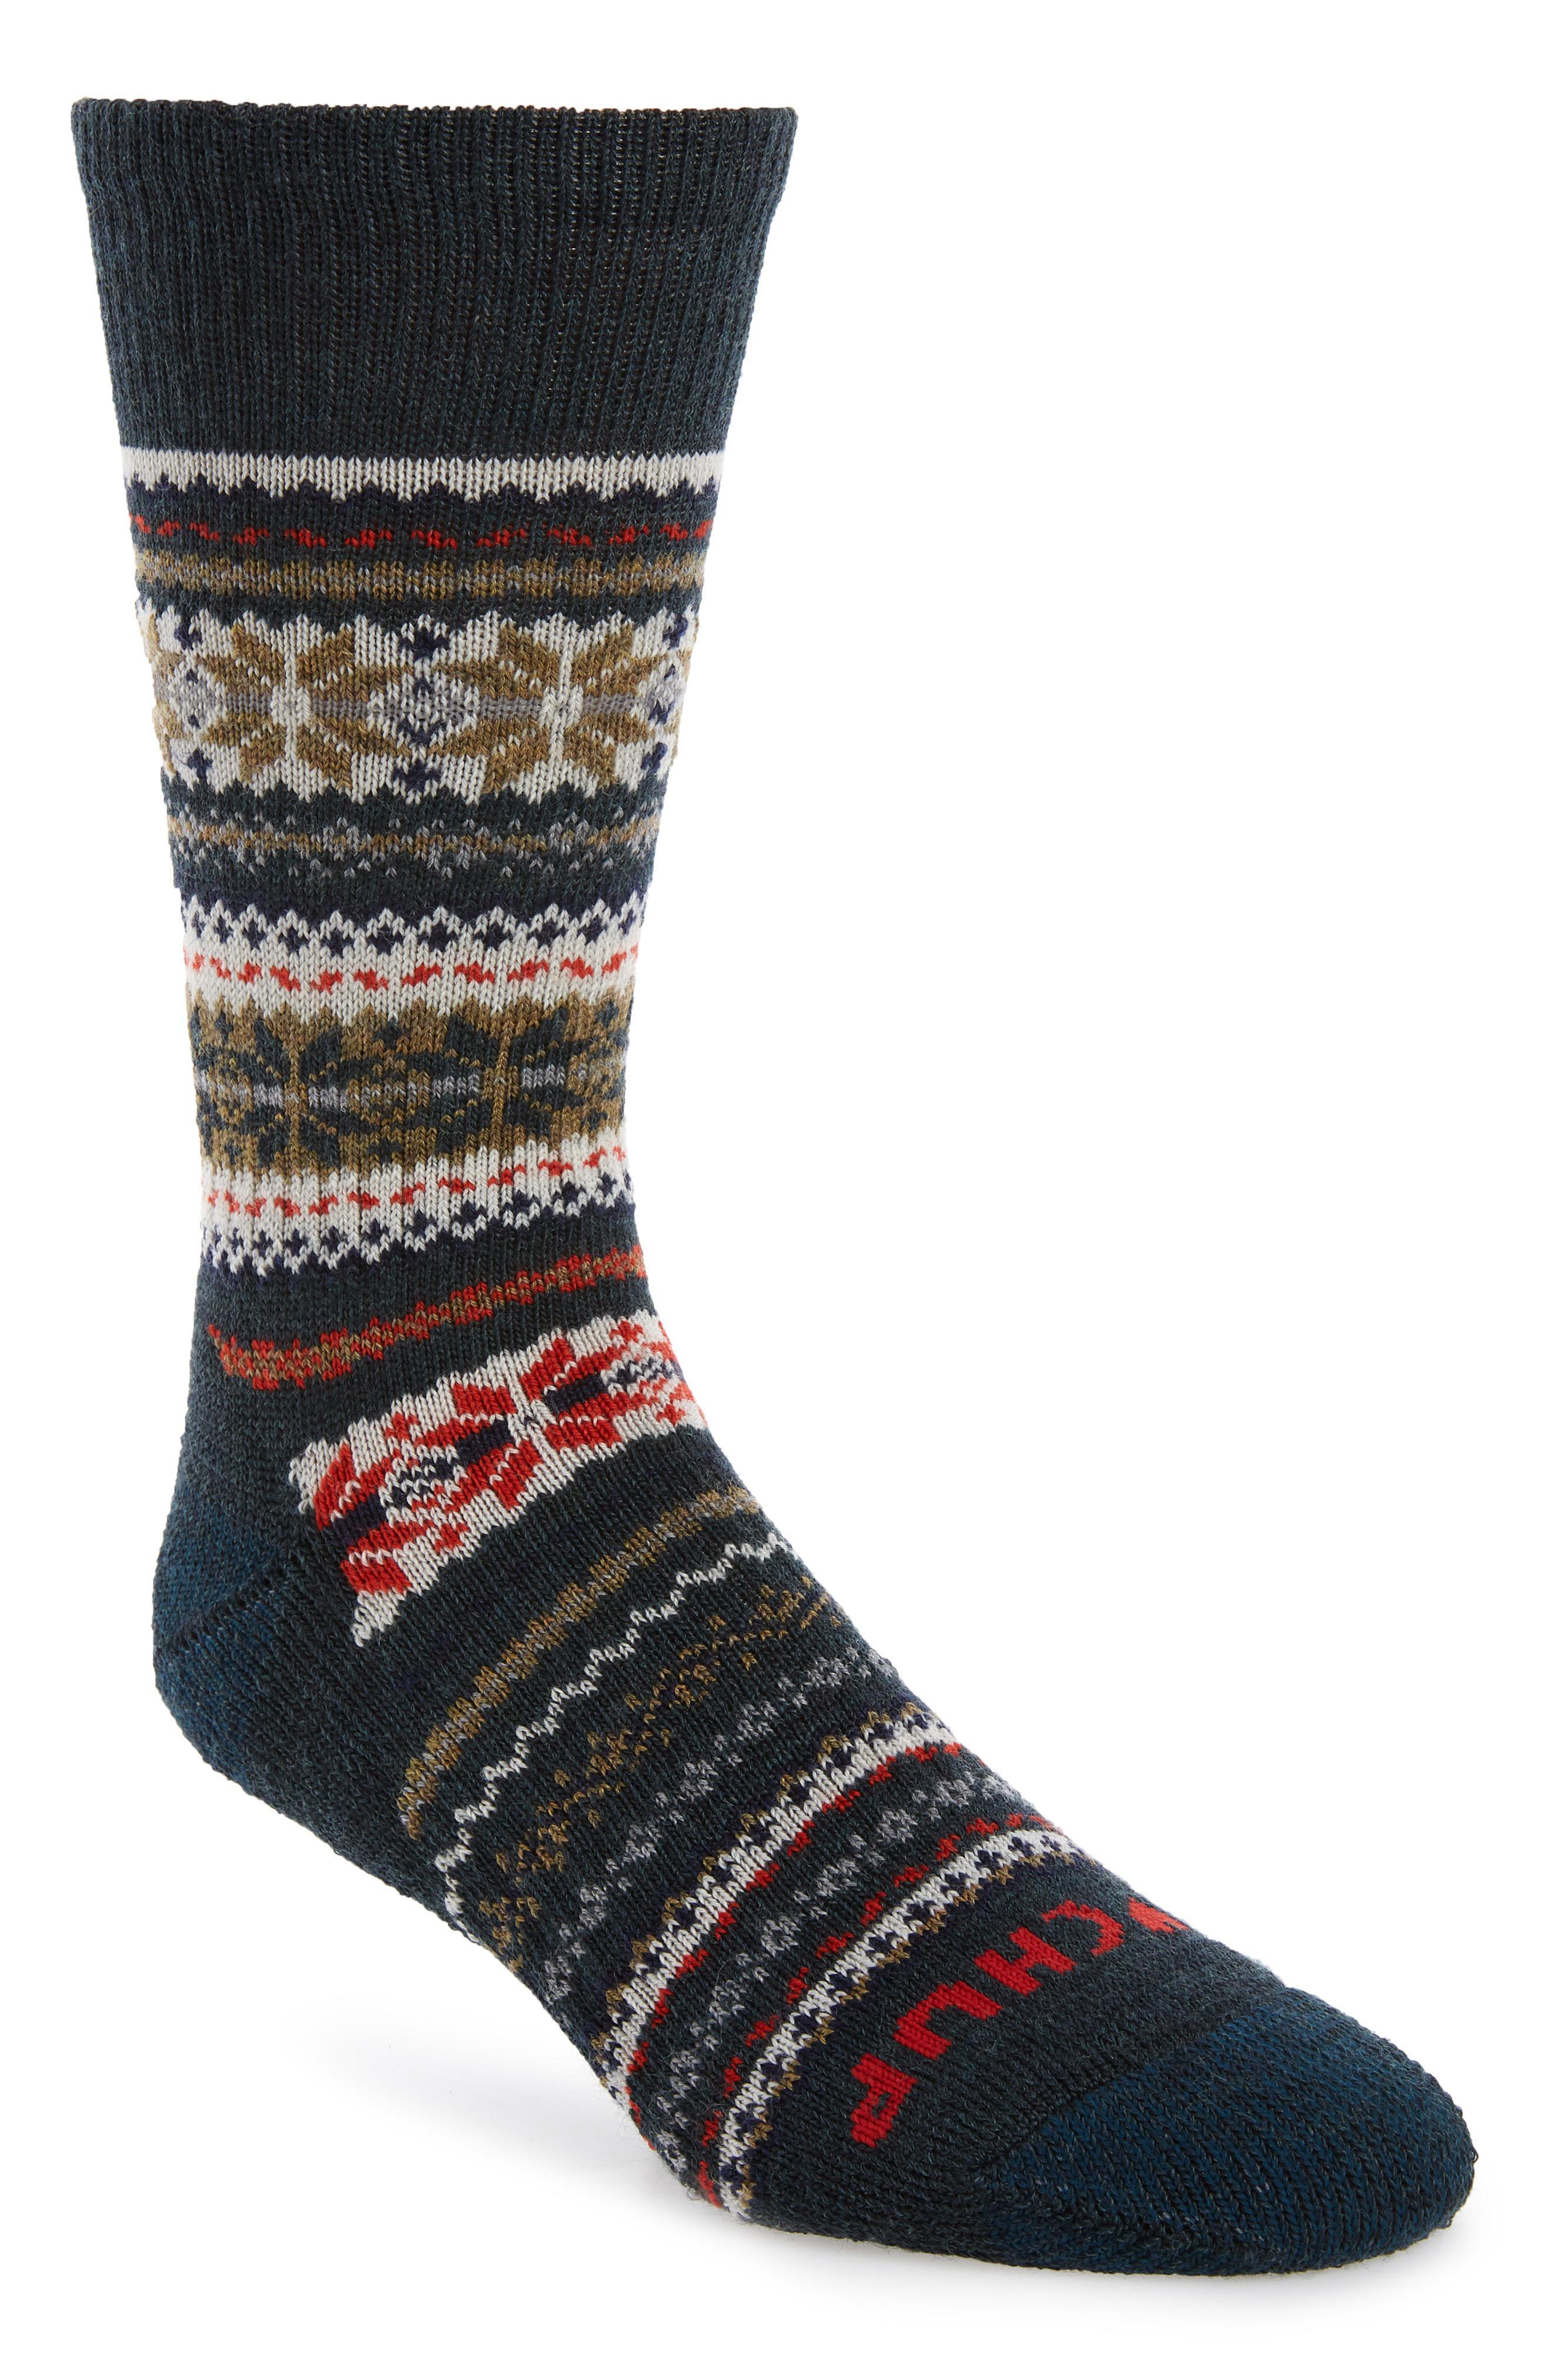 Lyst - Smartwool X Chup Snowflake Socks for Men da2170e26